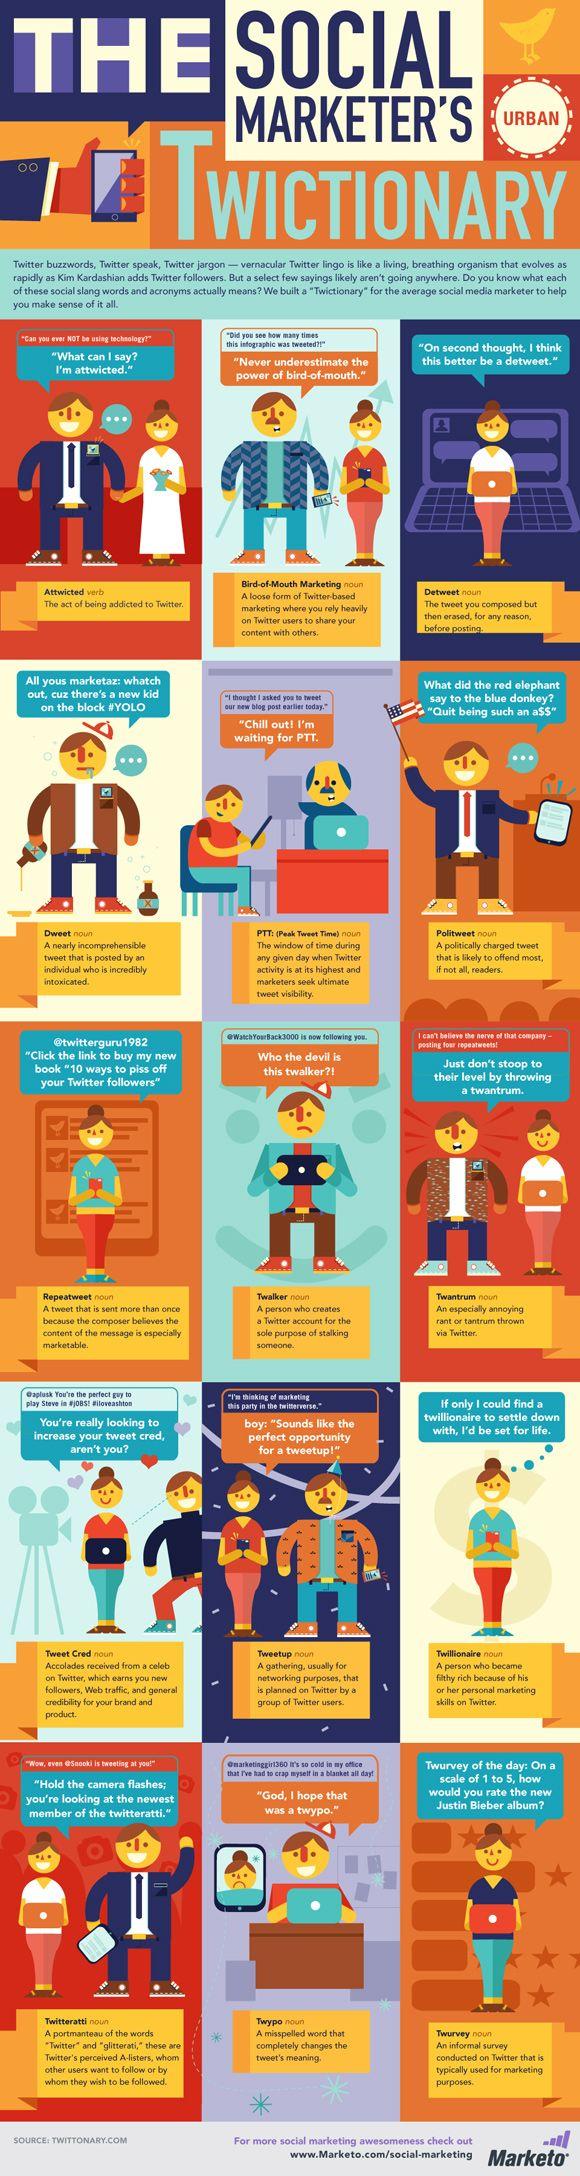 Alle social media termen uitgelegd [infographic]   The Social Media Twictionary